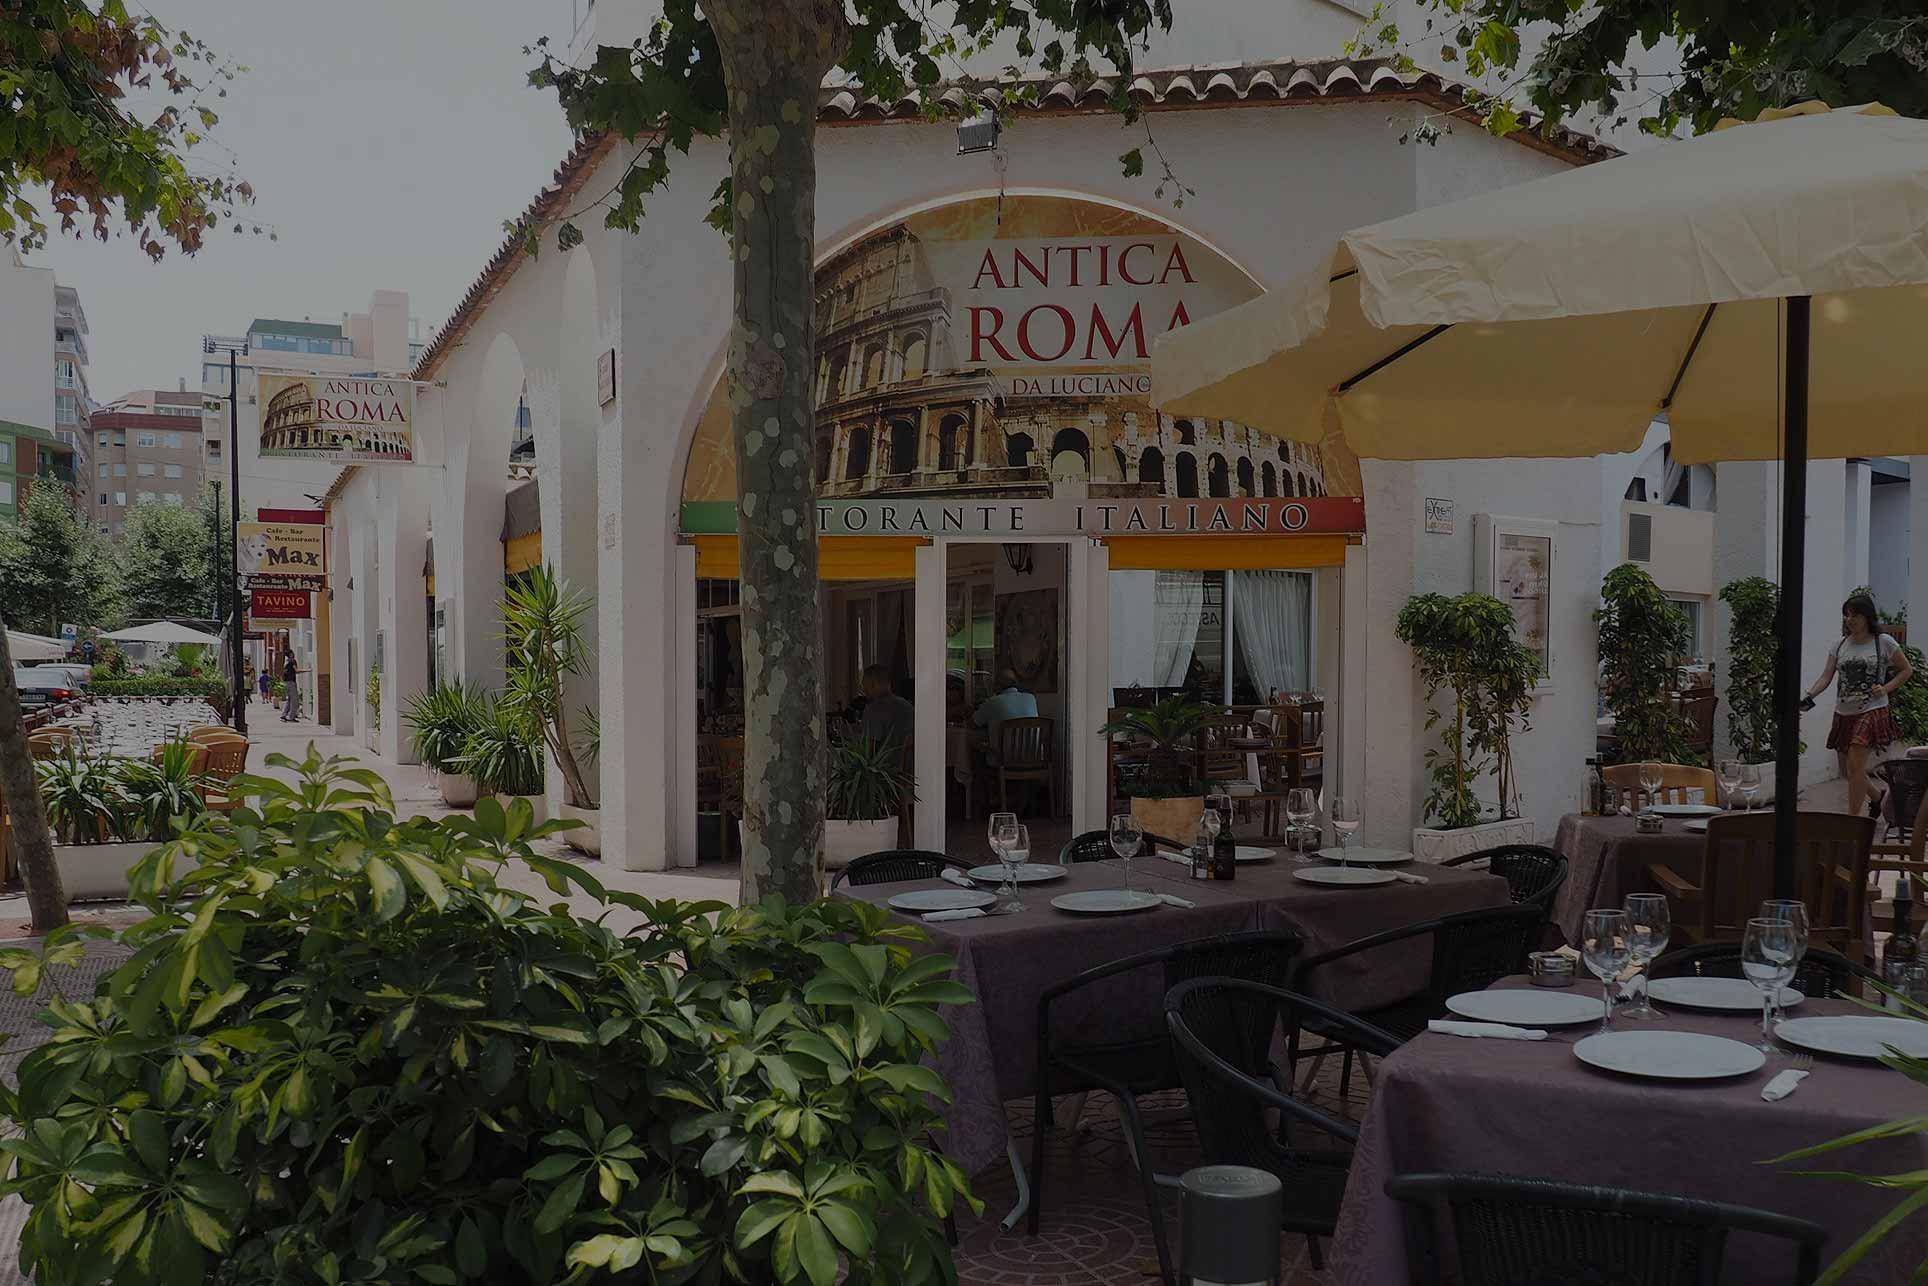 Entrada restaurante Antica Roma